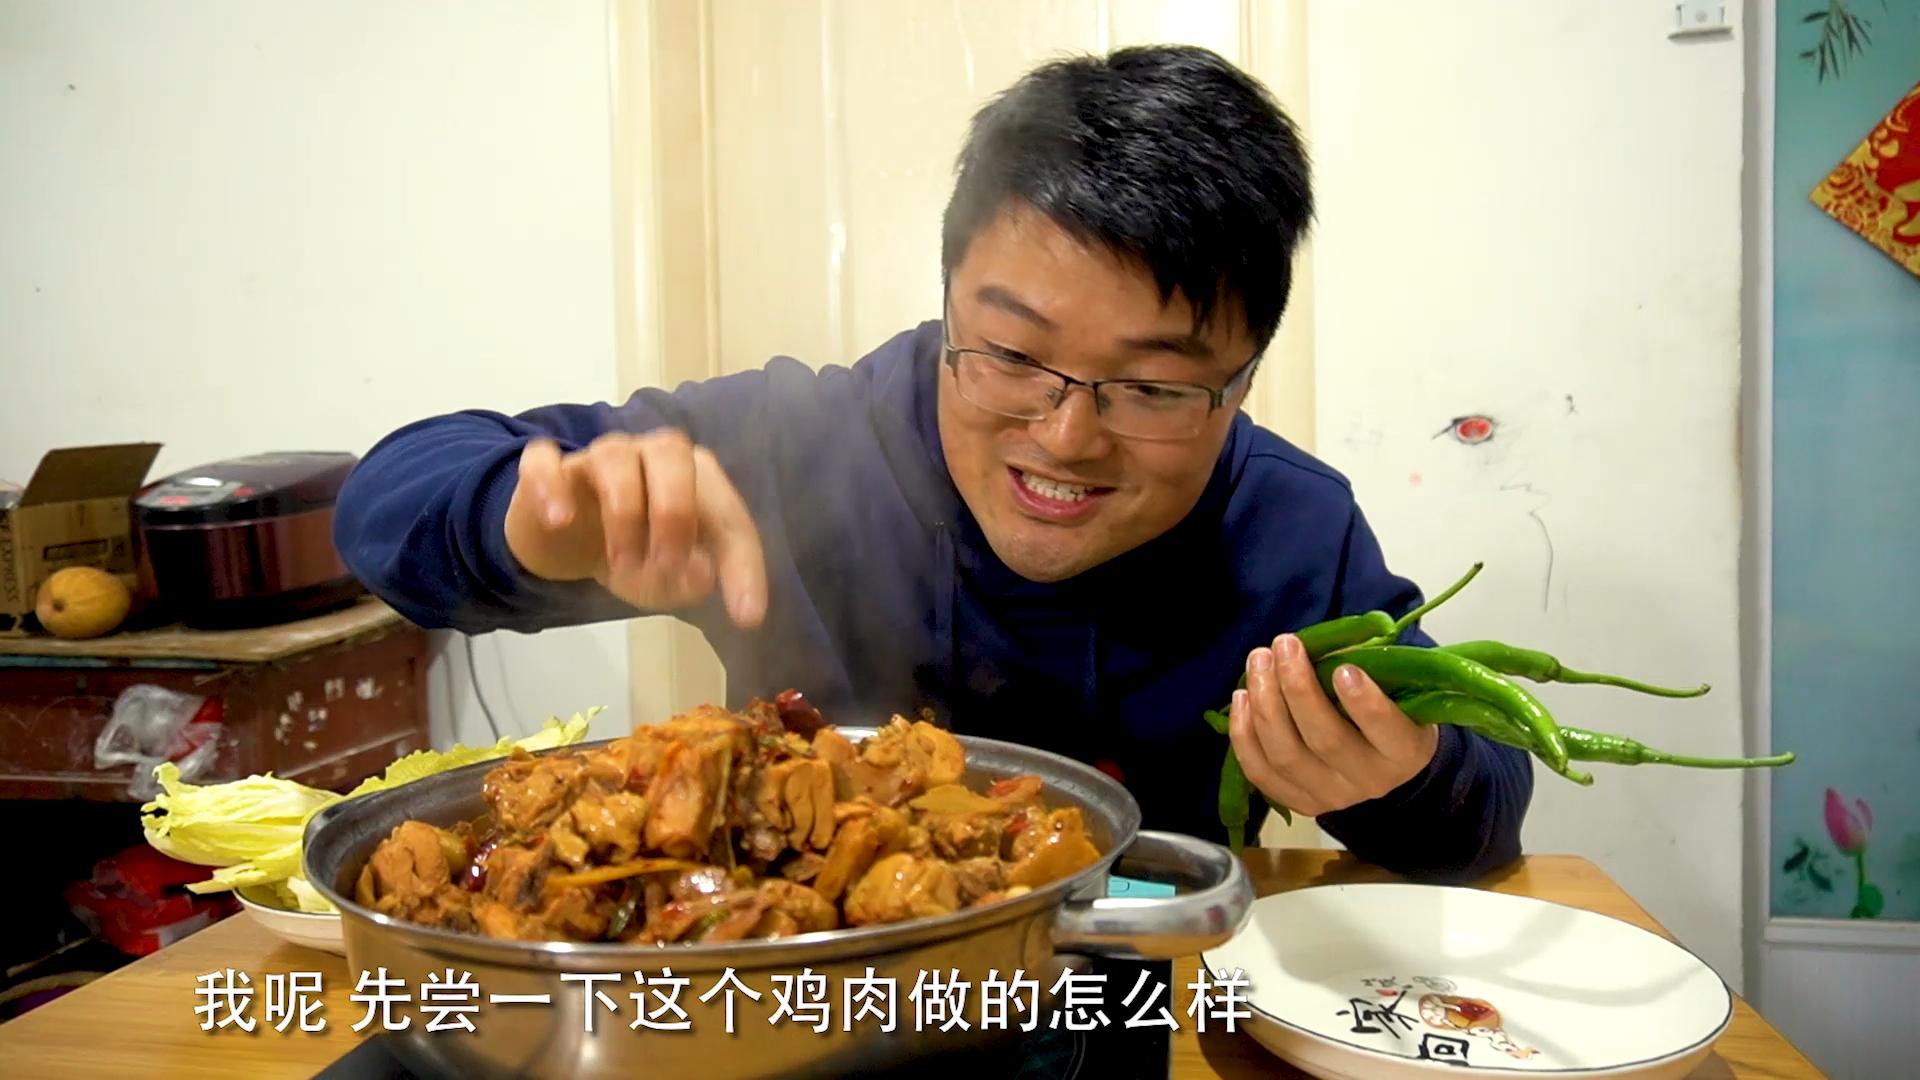 一次做五斤火锅鸡,大sao抓一把二荆条配着吃,火锅汤拌饭太爽了